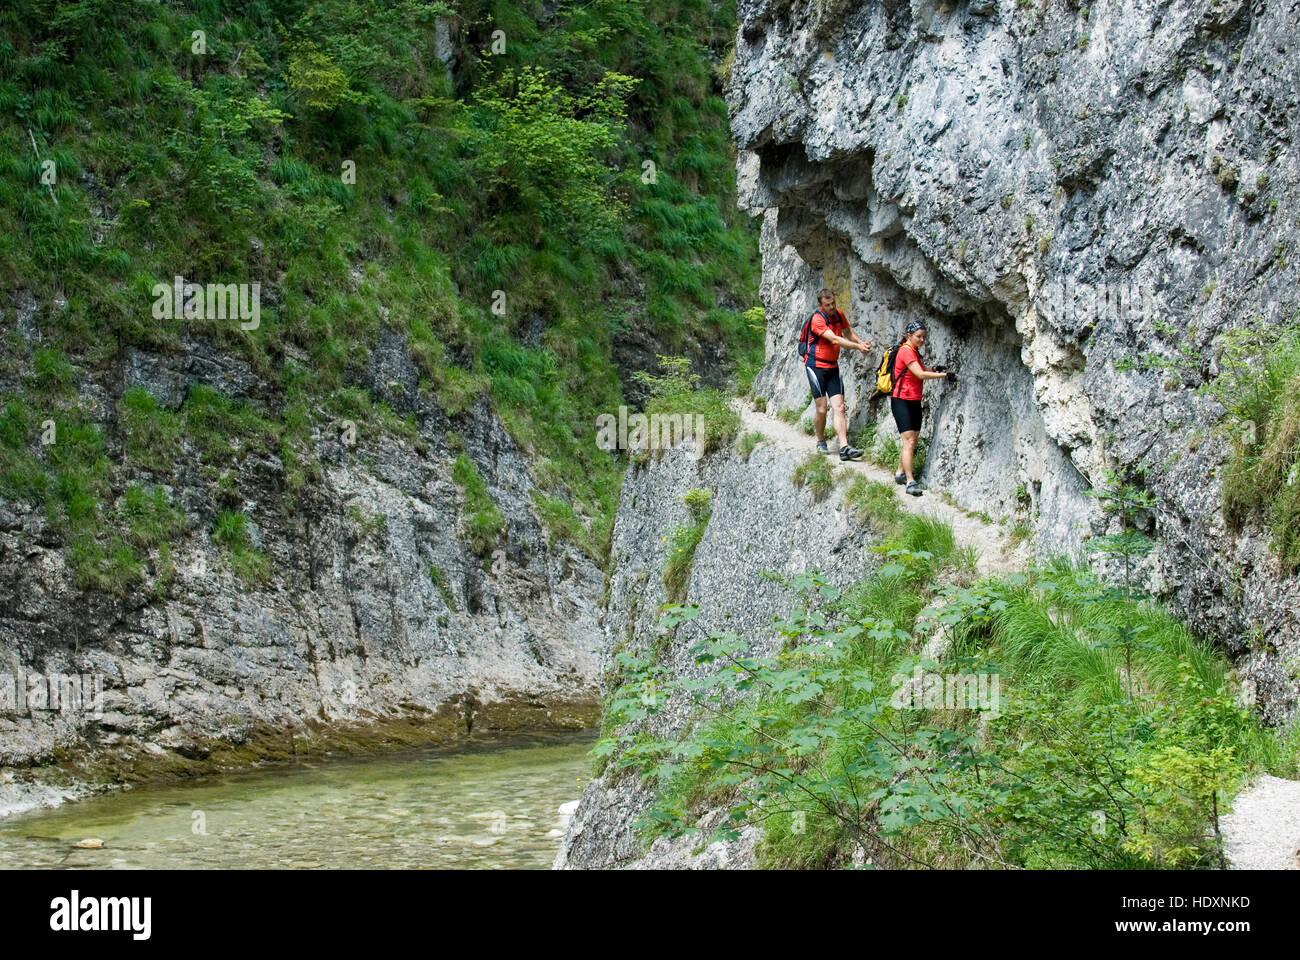 Klettersteig Austria : Klettersteig in der nationalpark kalkalpen upper austria europe